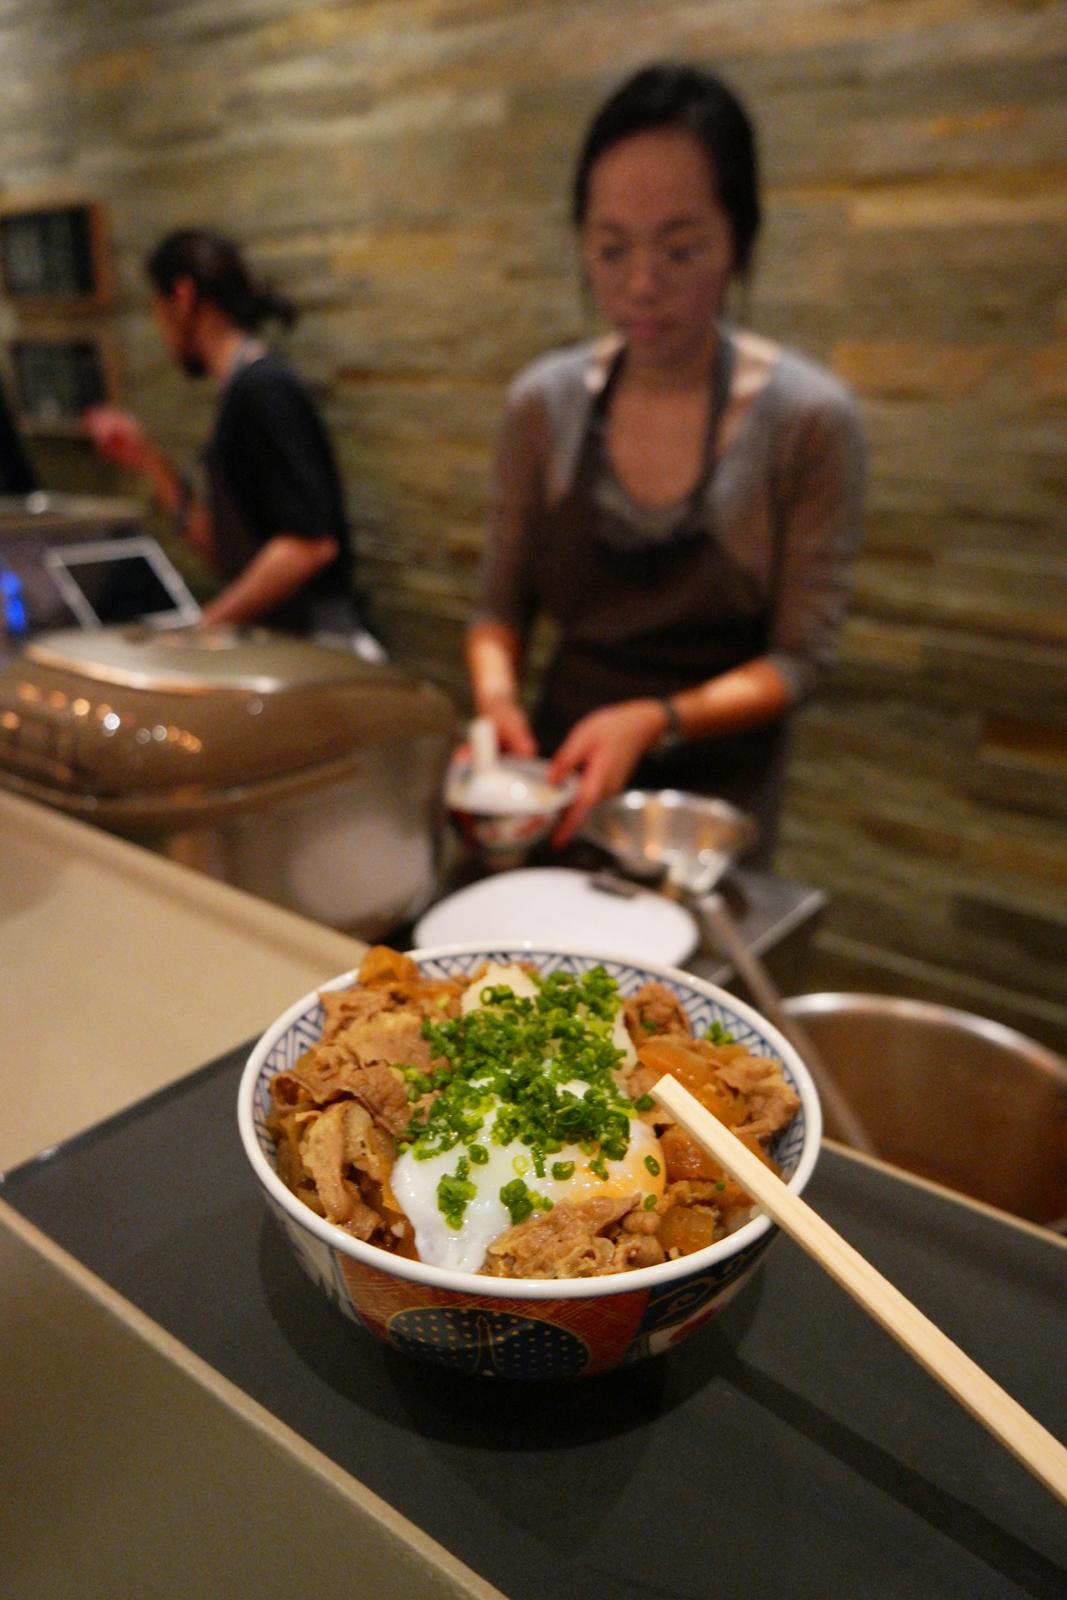 Cuisine japonaise restaurant japonais Oishinoya maison du très bon gyudon bol de riz viande Passage des Panoramas photo usofparis blog